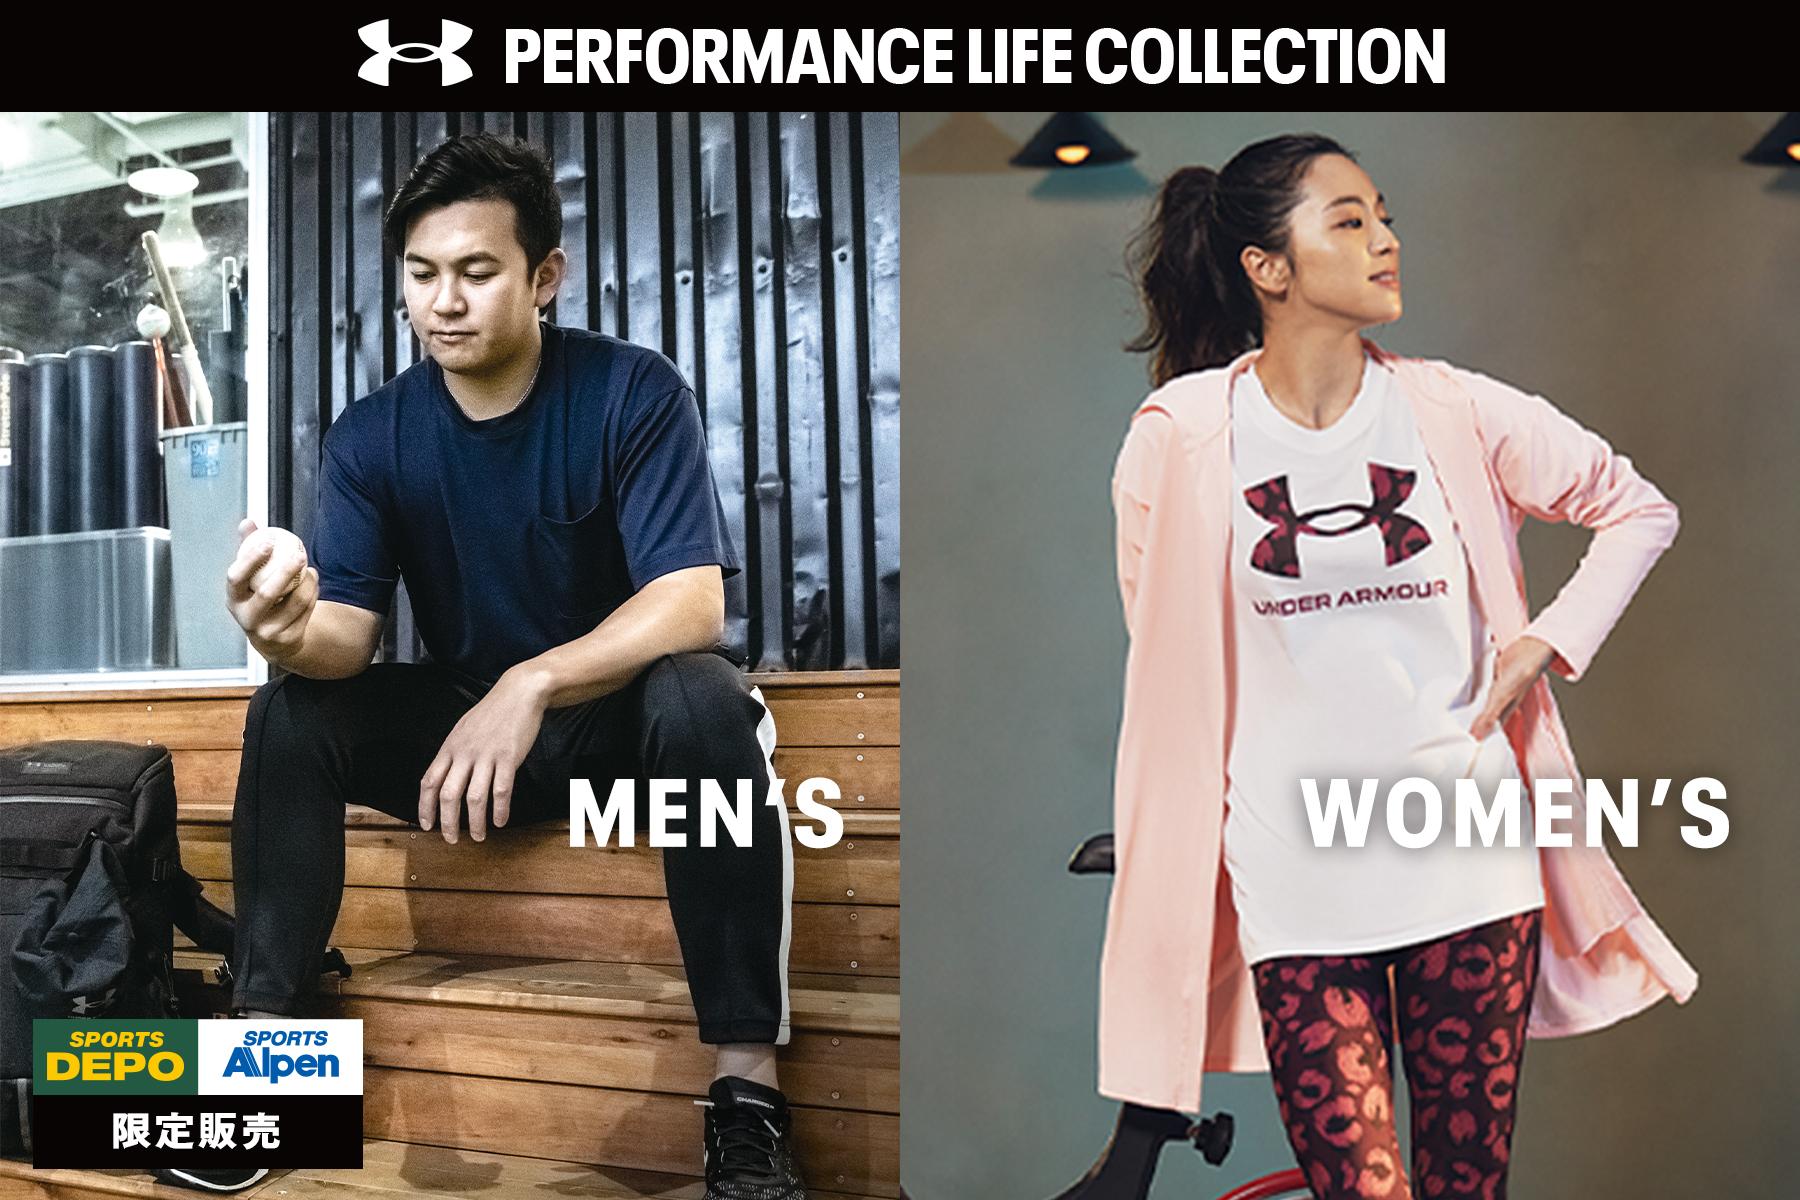 アスリートの日常をサポート アンダーアーマー「Performance Life Collection」スポーツデポ・アルペンにて限定販売